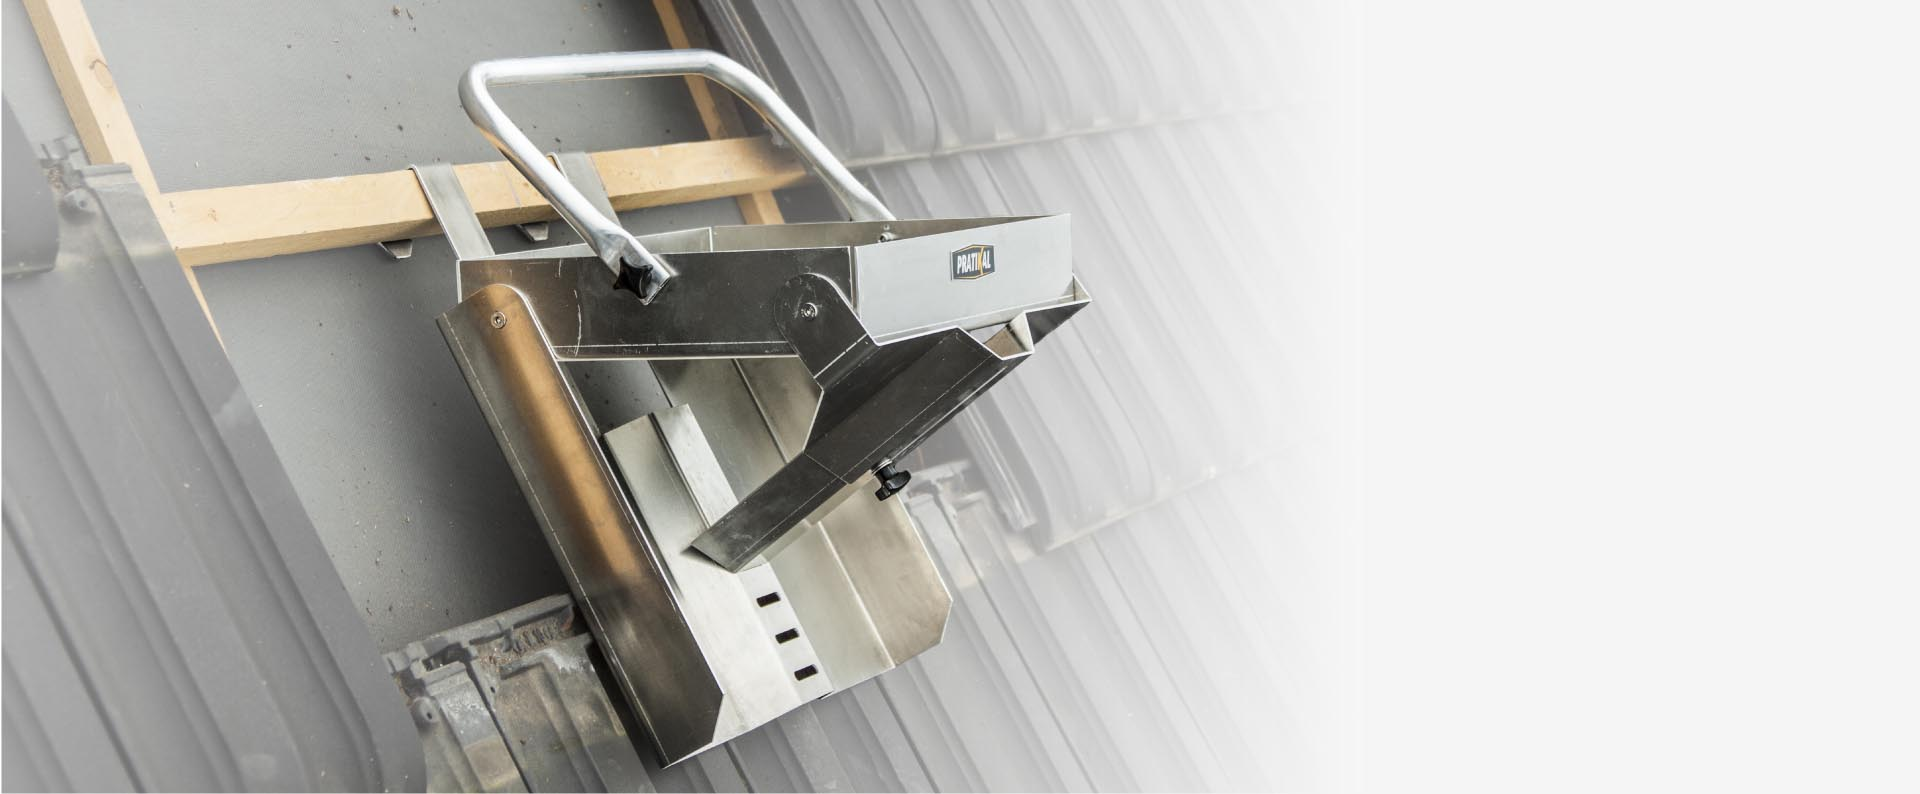 toolbox pratikal caisse outils inclinaison variable pour toiture. Black Bedroom Furniture Sets. Home Design Ideas